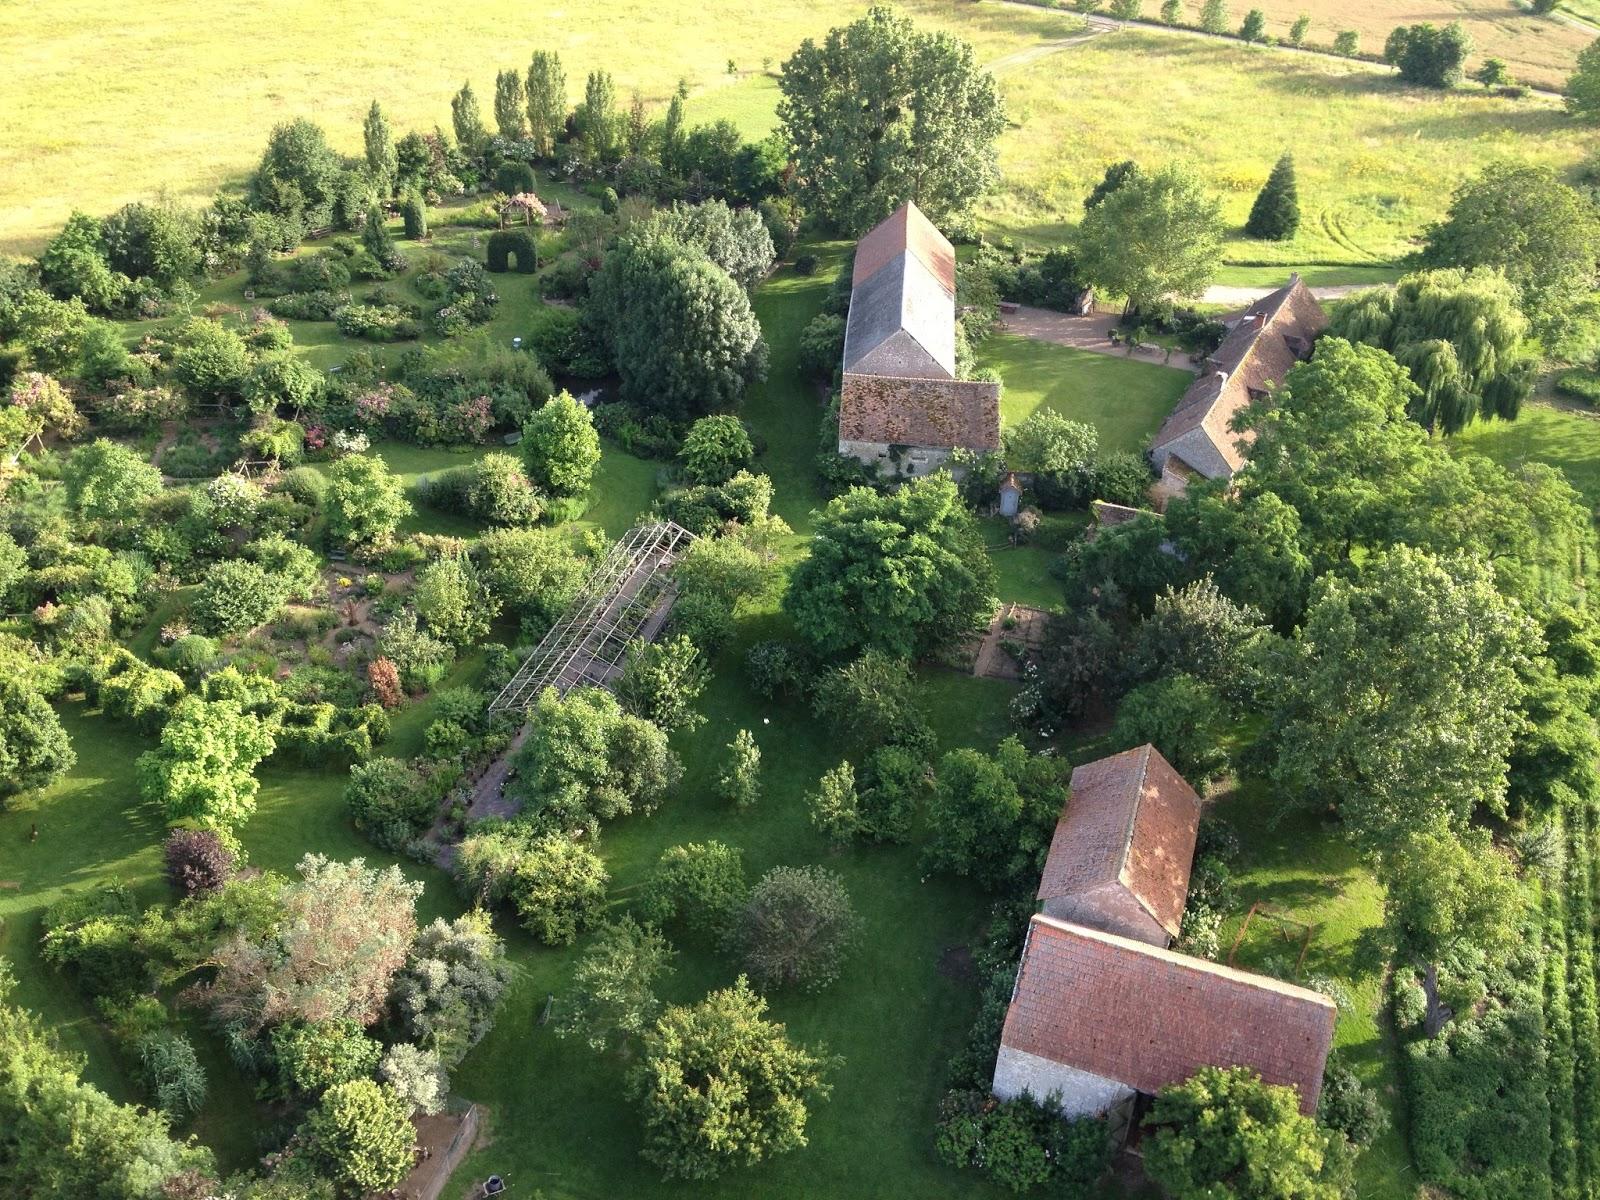 Promesse de roses en orl anais les jardins de roquelin 45 for Jardin 0 l4anglaise